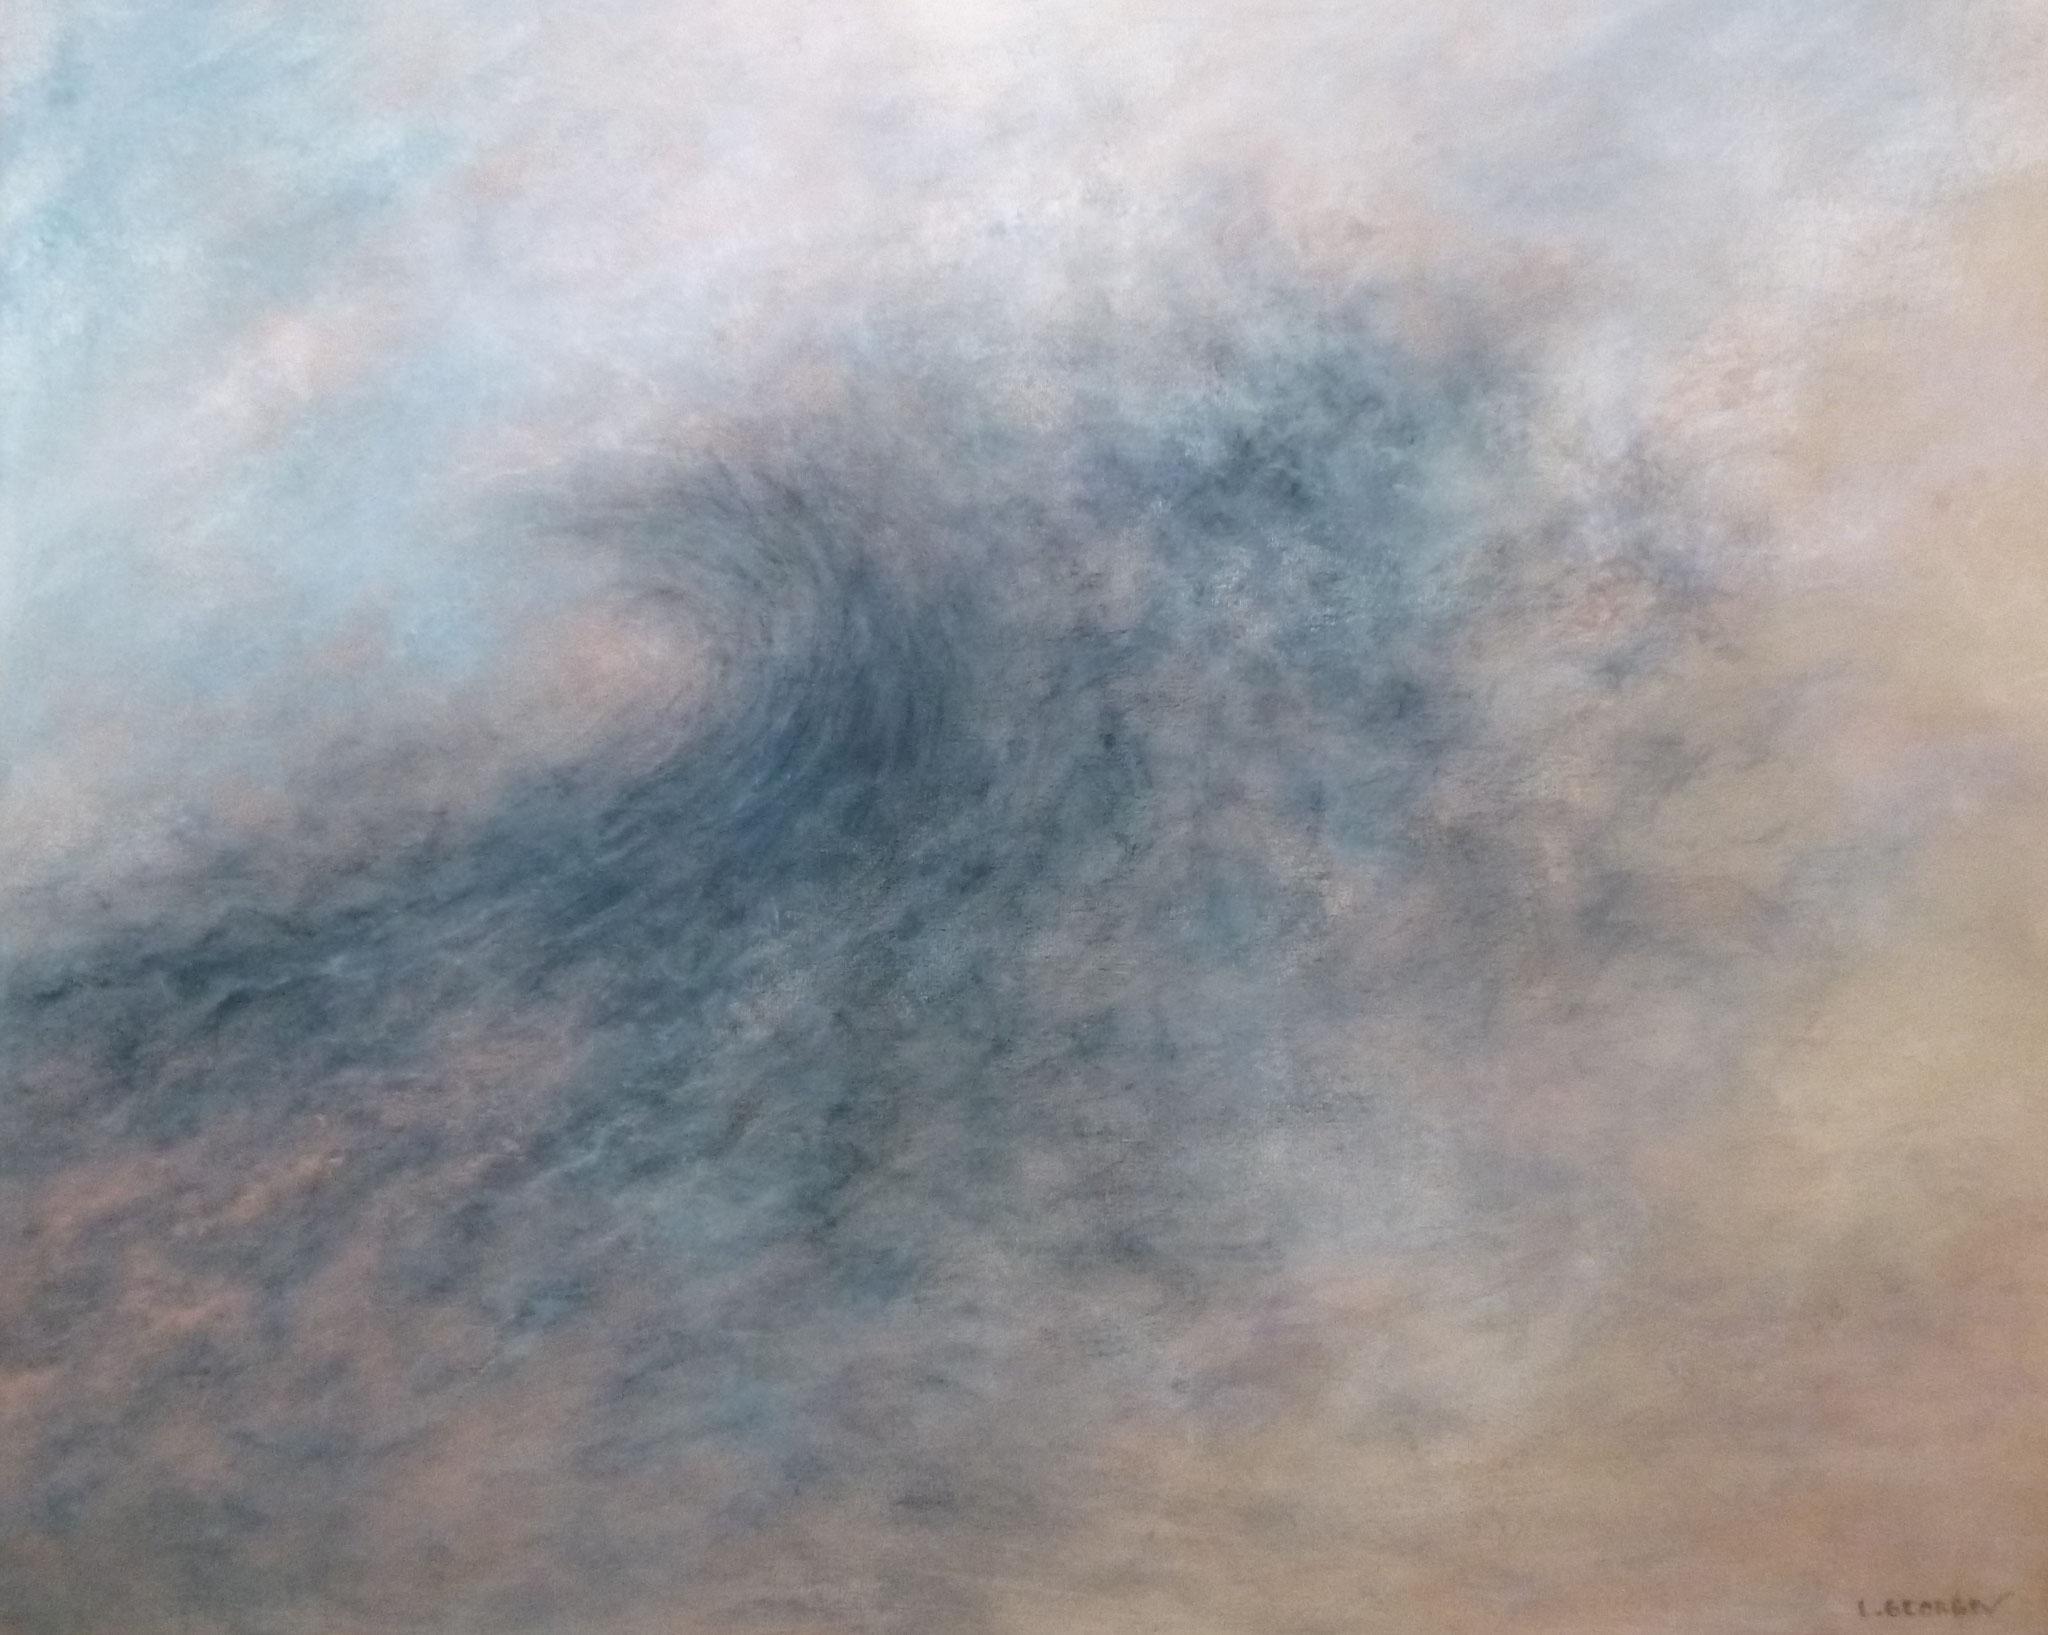 EFFERVESCENCE, acrylique sur toile, 50x60 cm